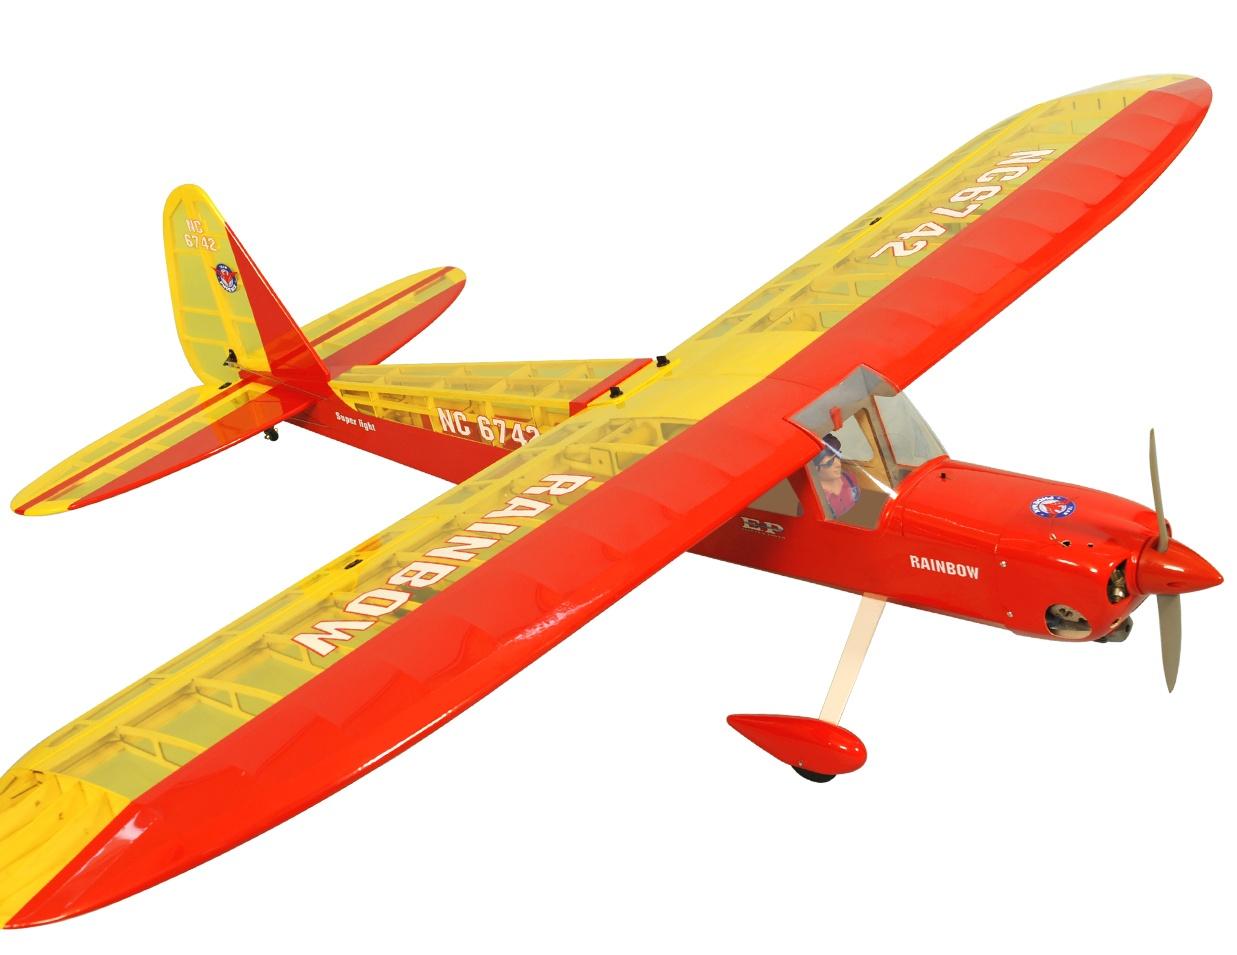 Verbrenner-Flugzeuge